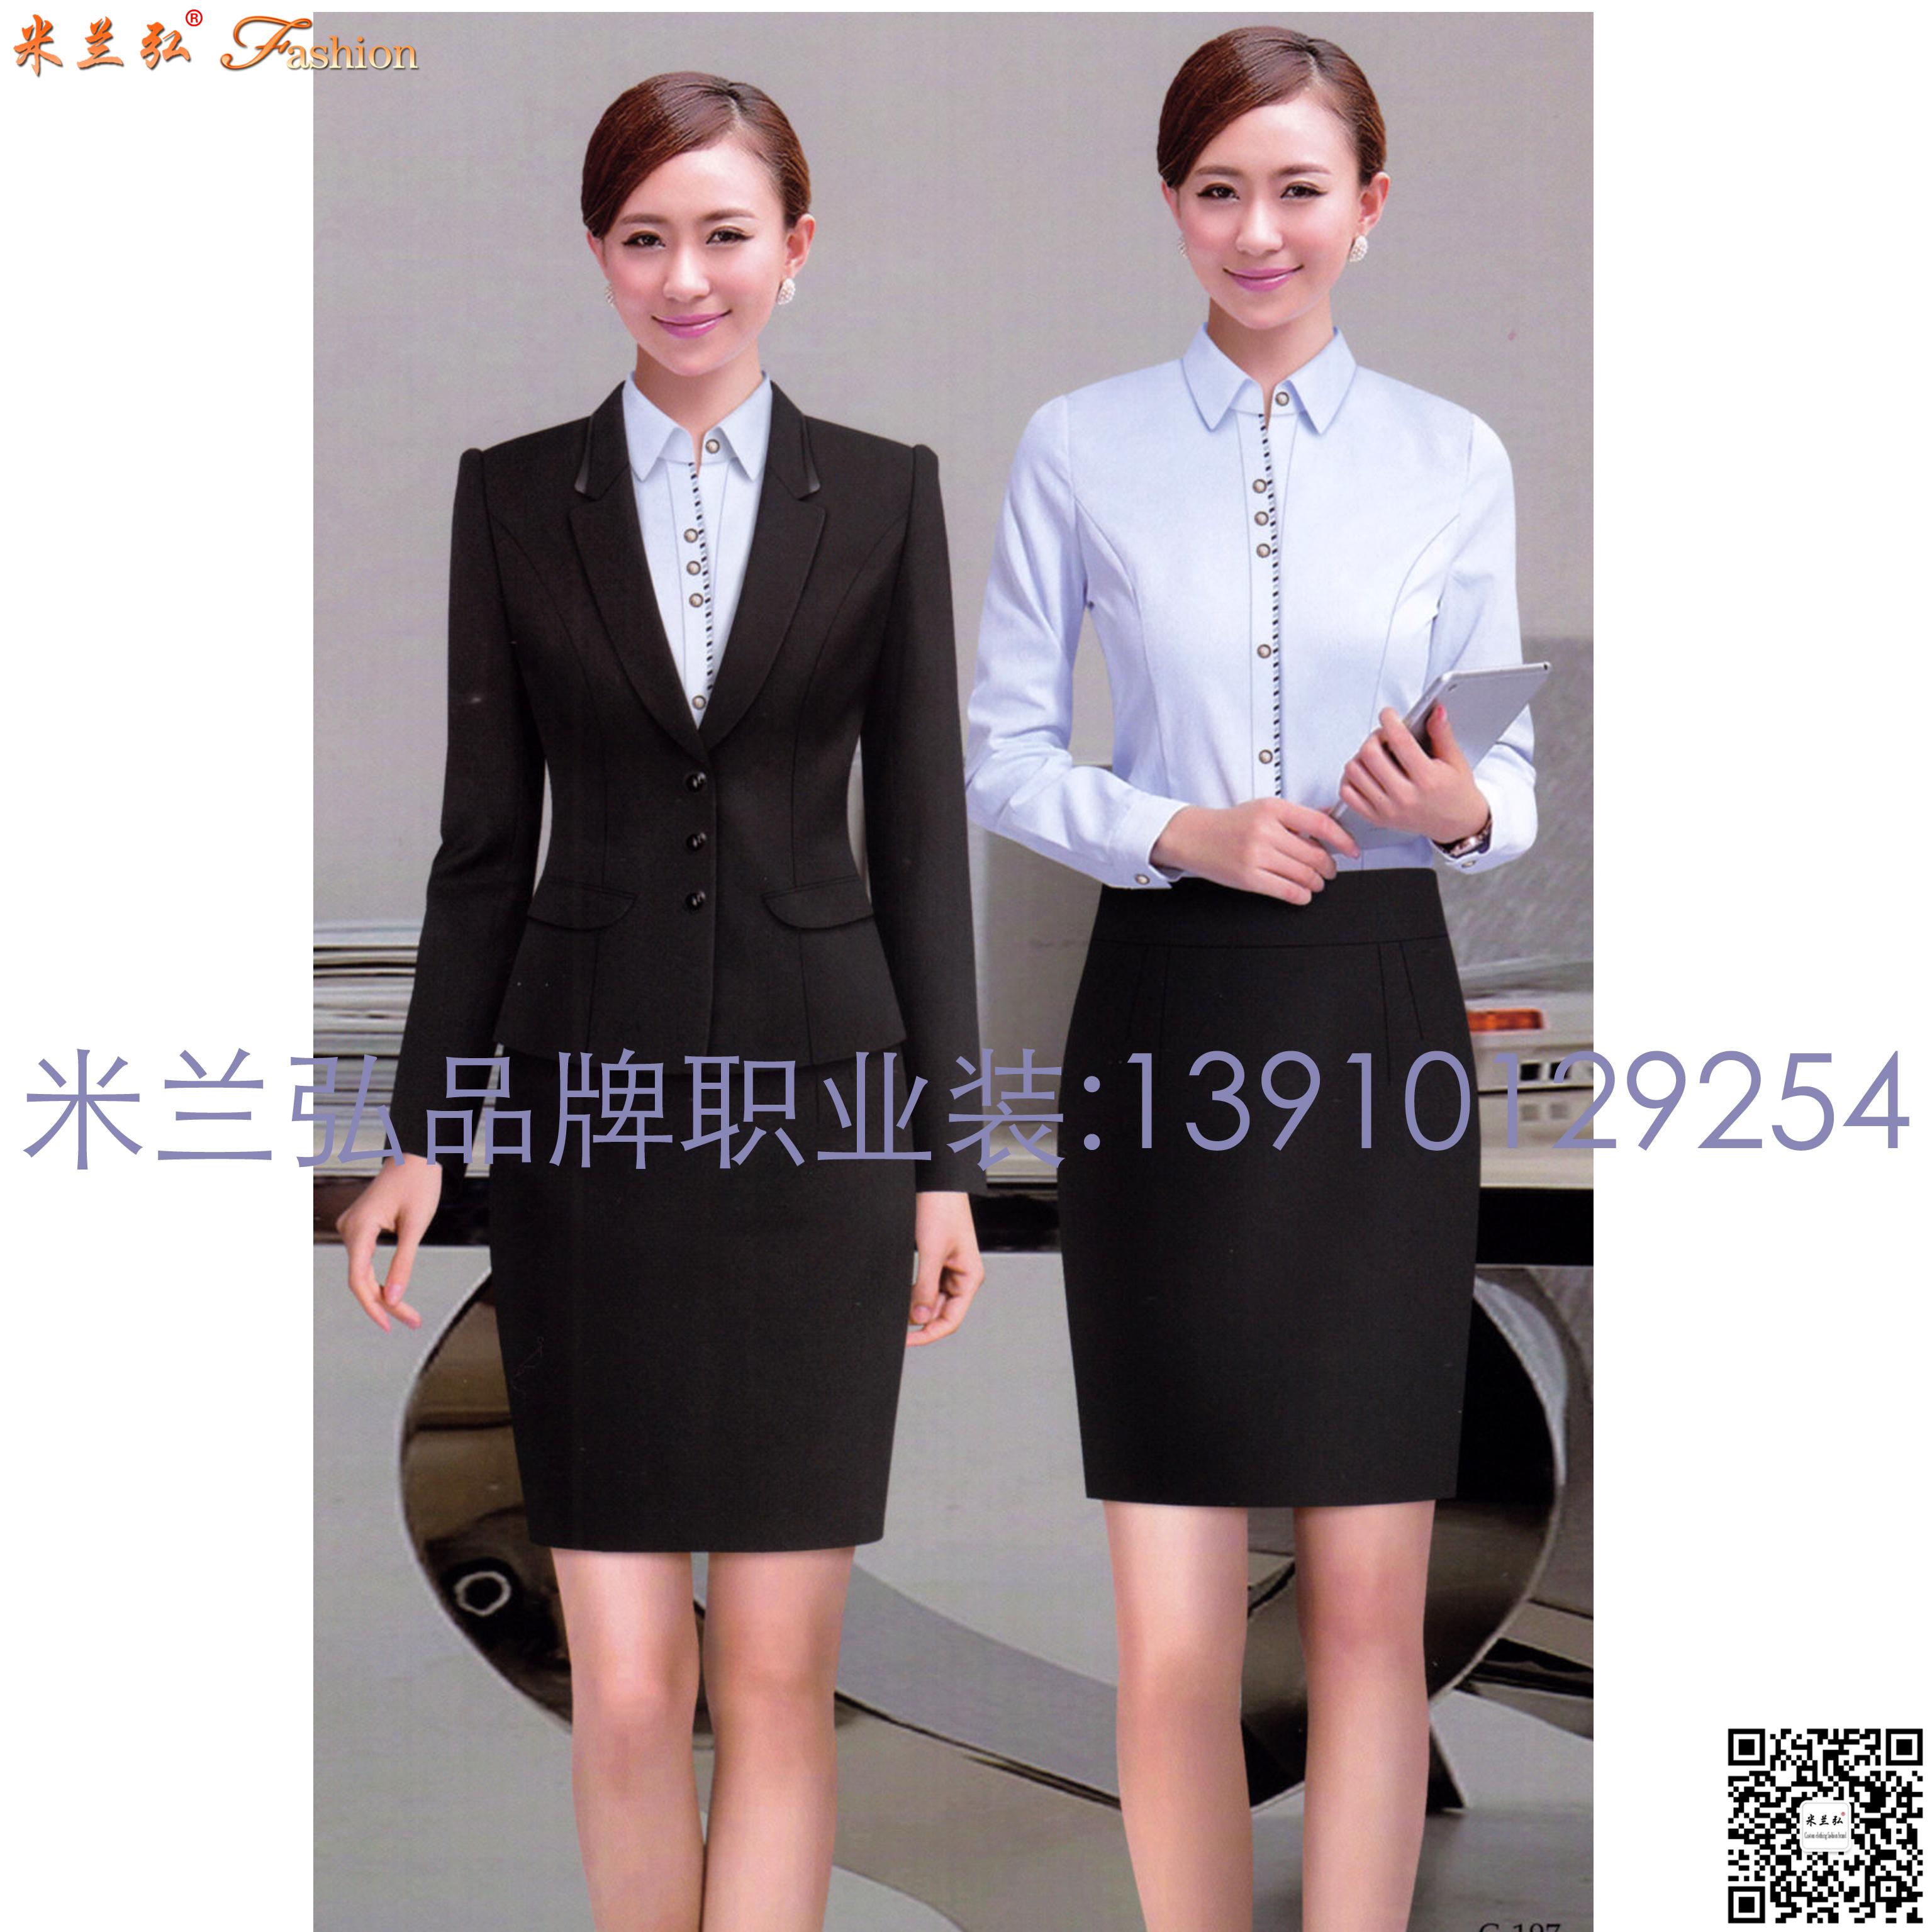 北京哪里可以定做西服北京西服时尚职业装韩版女装量身定做西服办公室制服定做-5